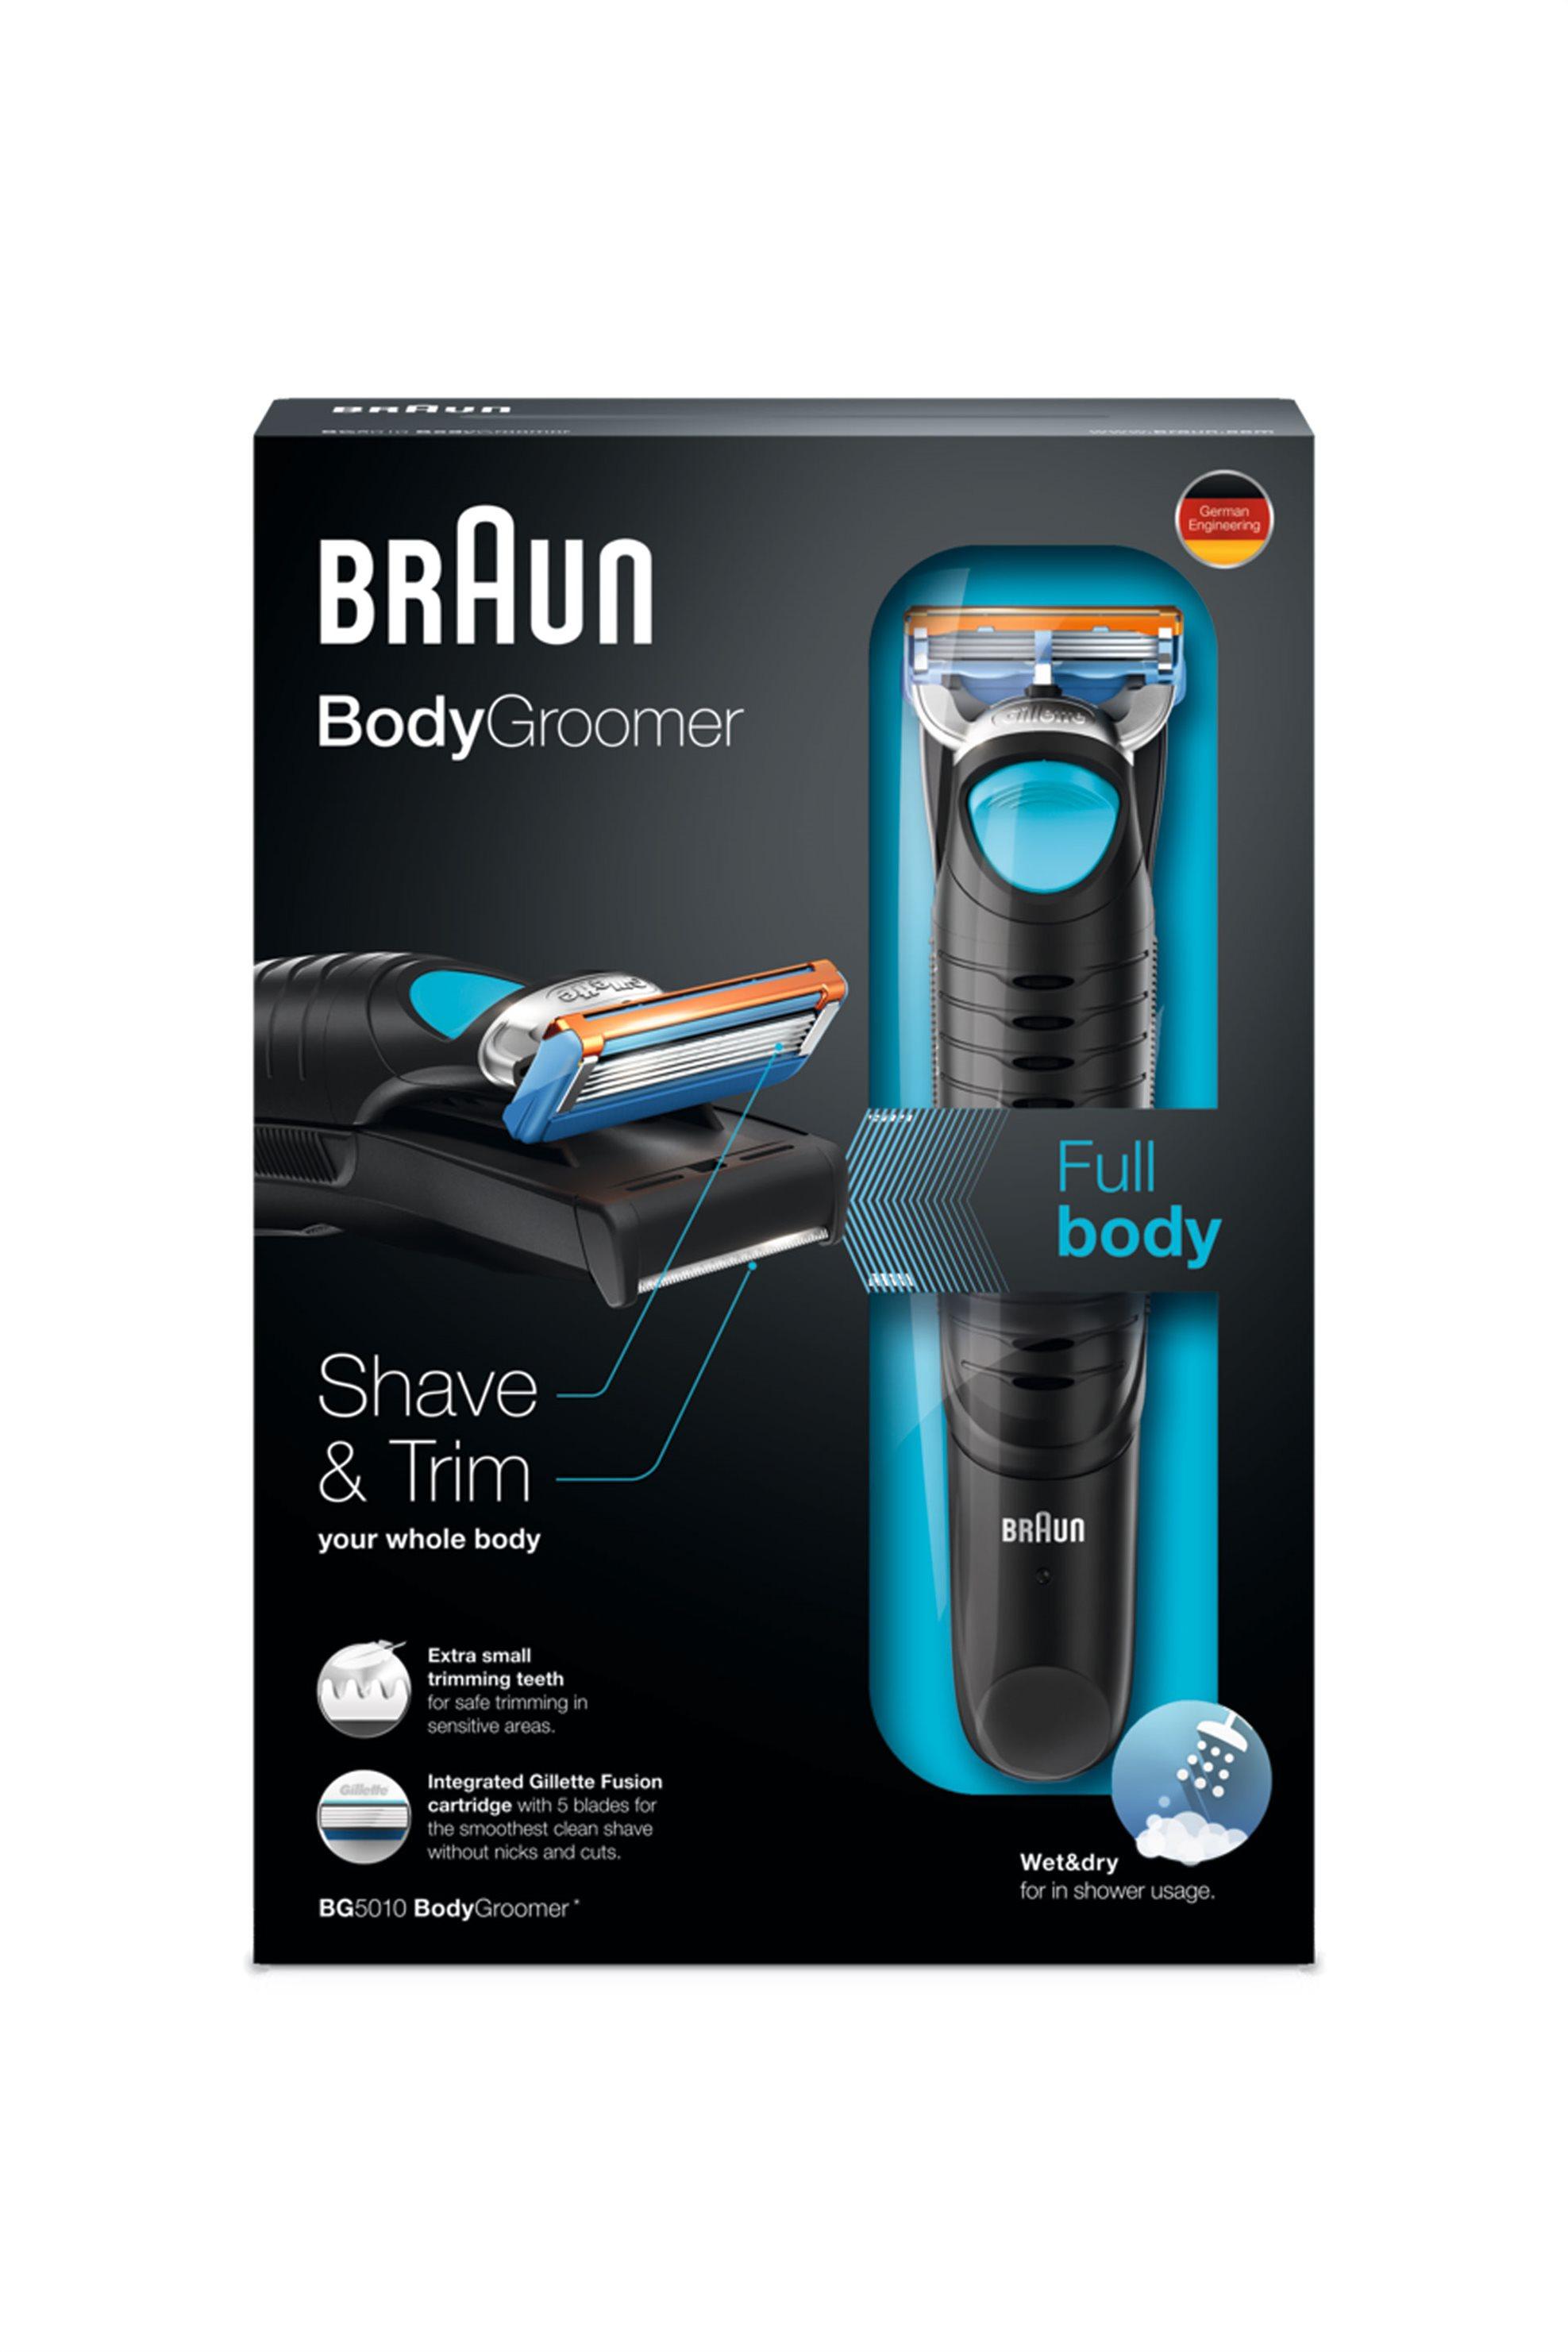 Ξυριστική μηχανή σώματος BG5010 Braun - BG5010 home   συσκευεσ περιποιησησ   ξυριστικές μηχανές